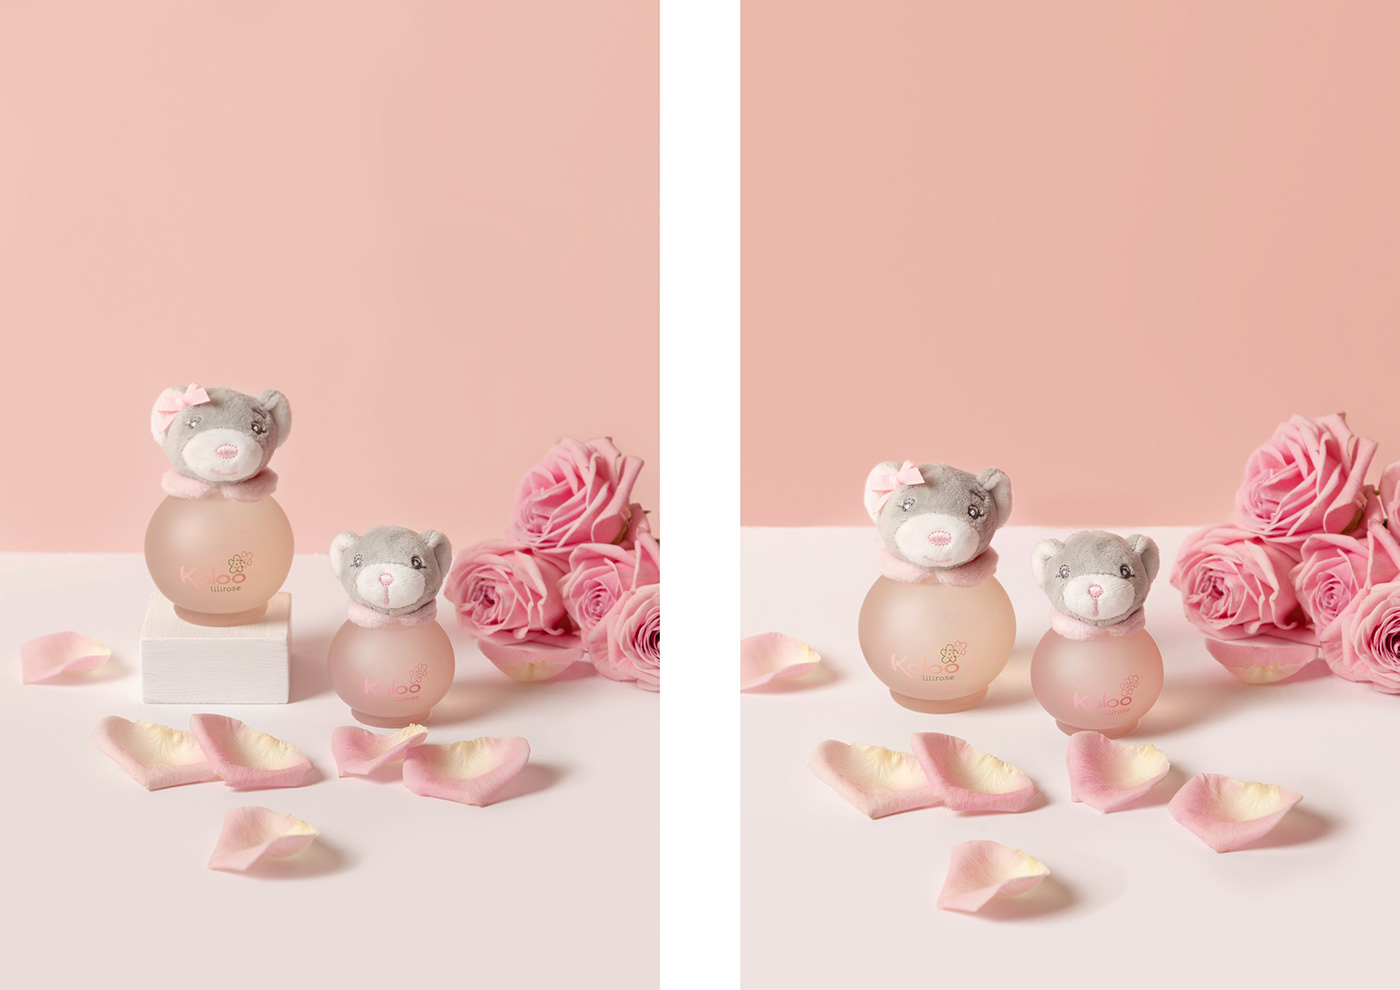 Image may contain: cartoon, wall and vase